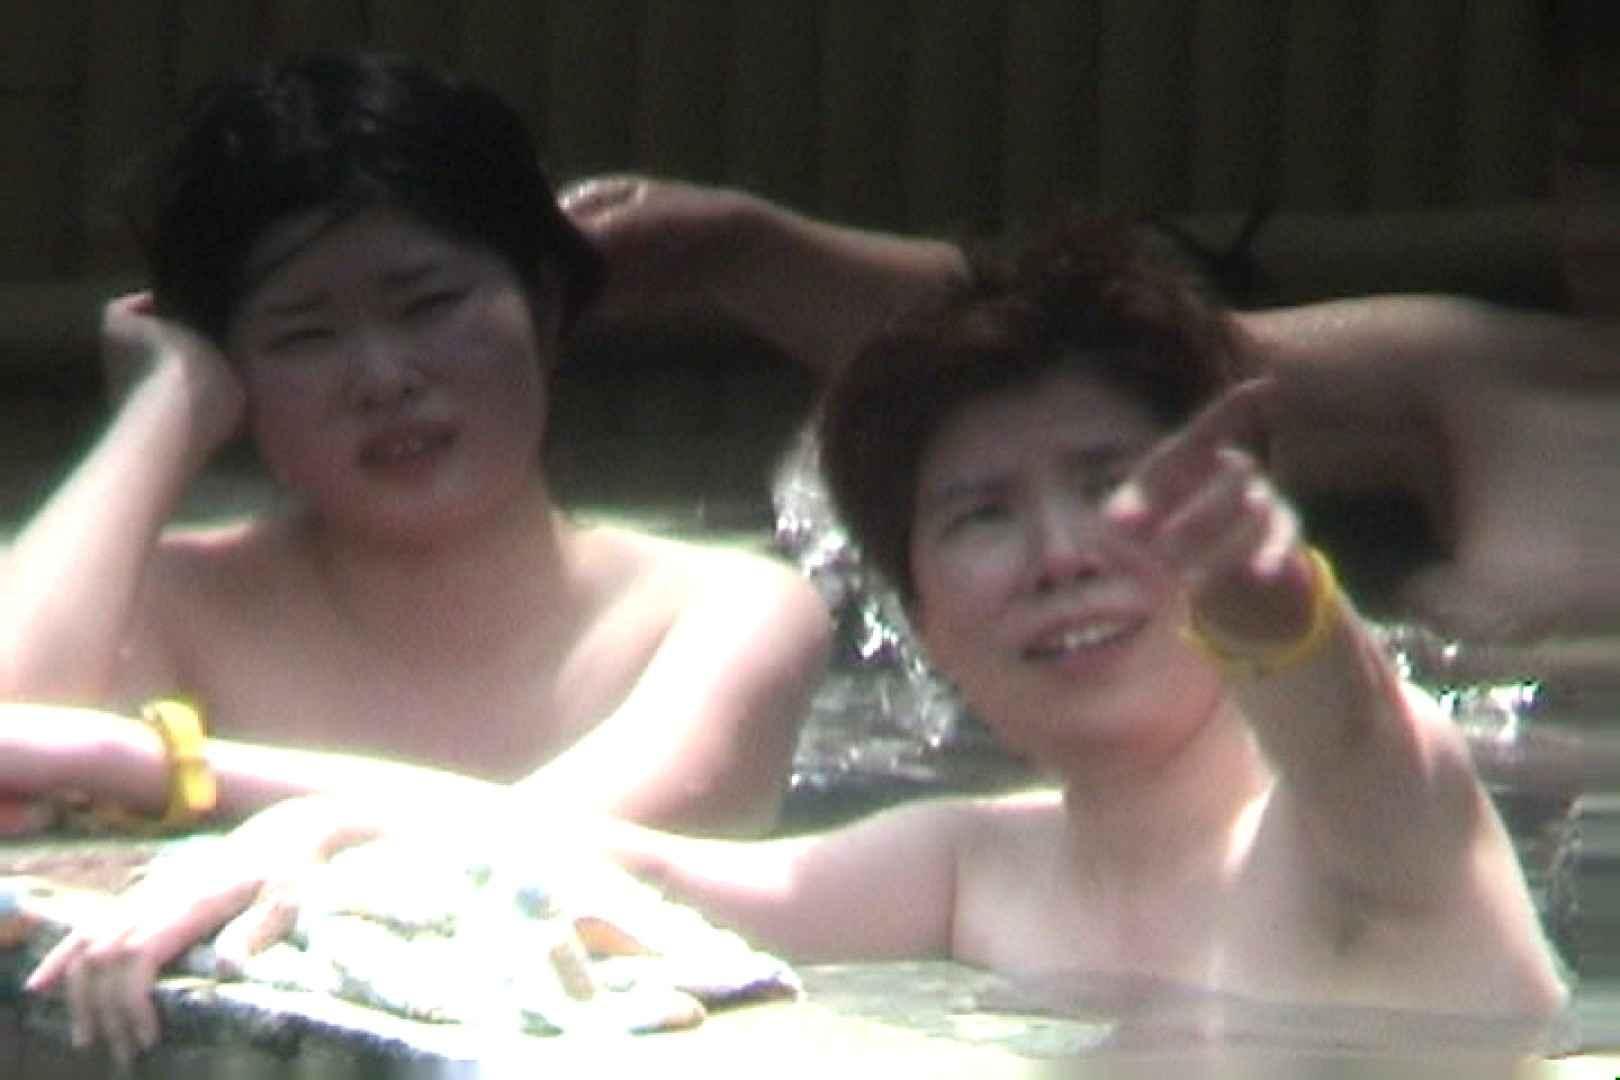 Aquaな露天風呂Vol.54【VIP限定】 盗撮シリーズ  96PIX 66